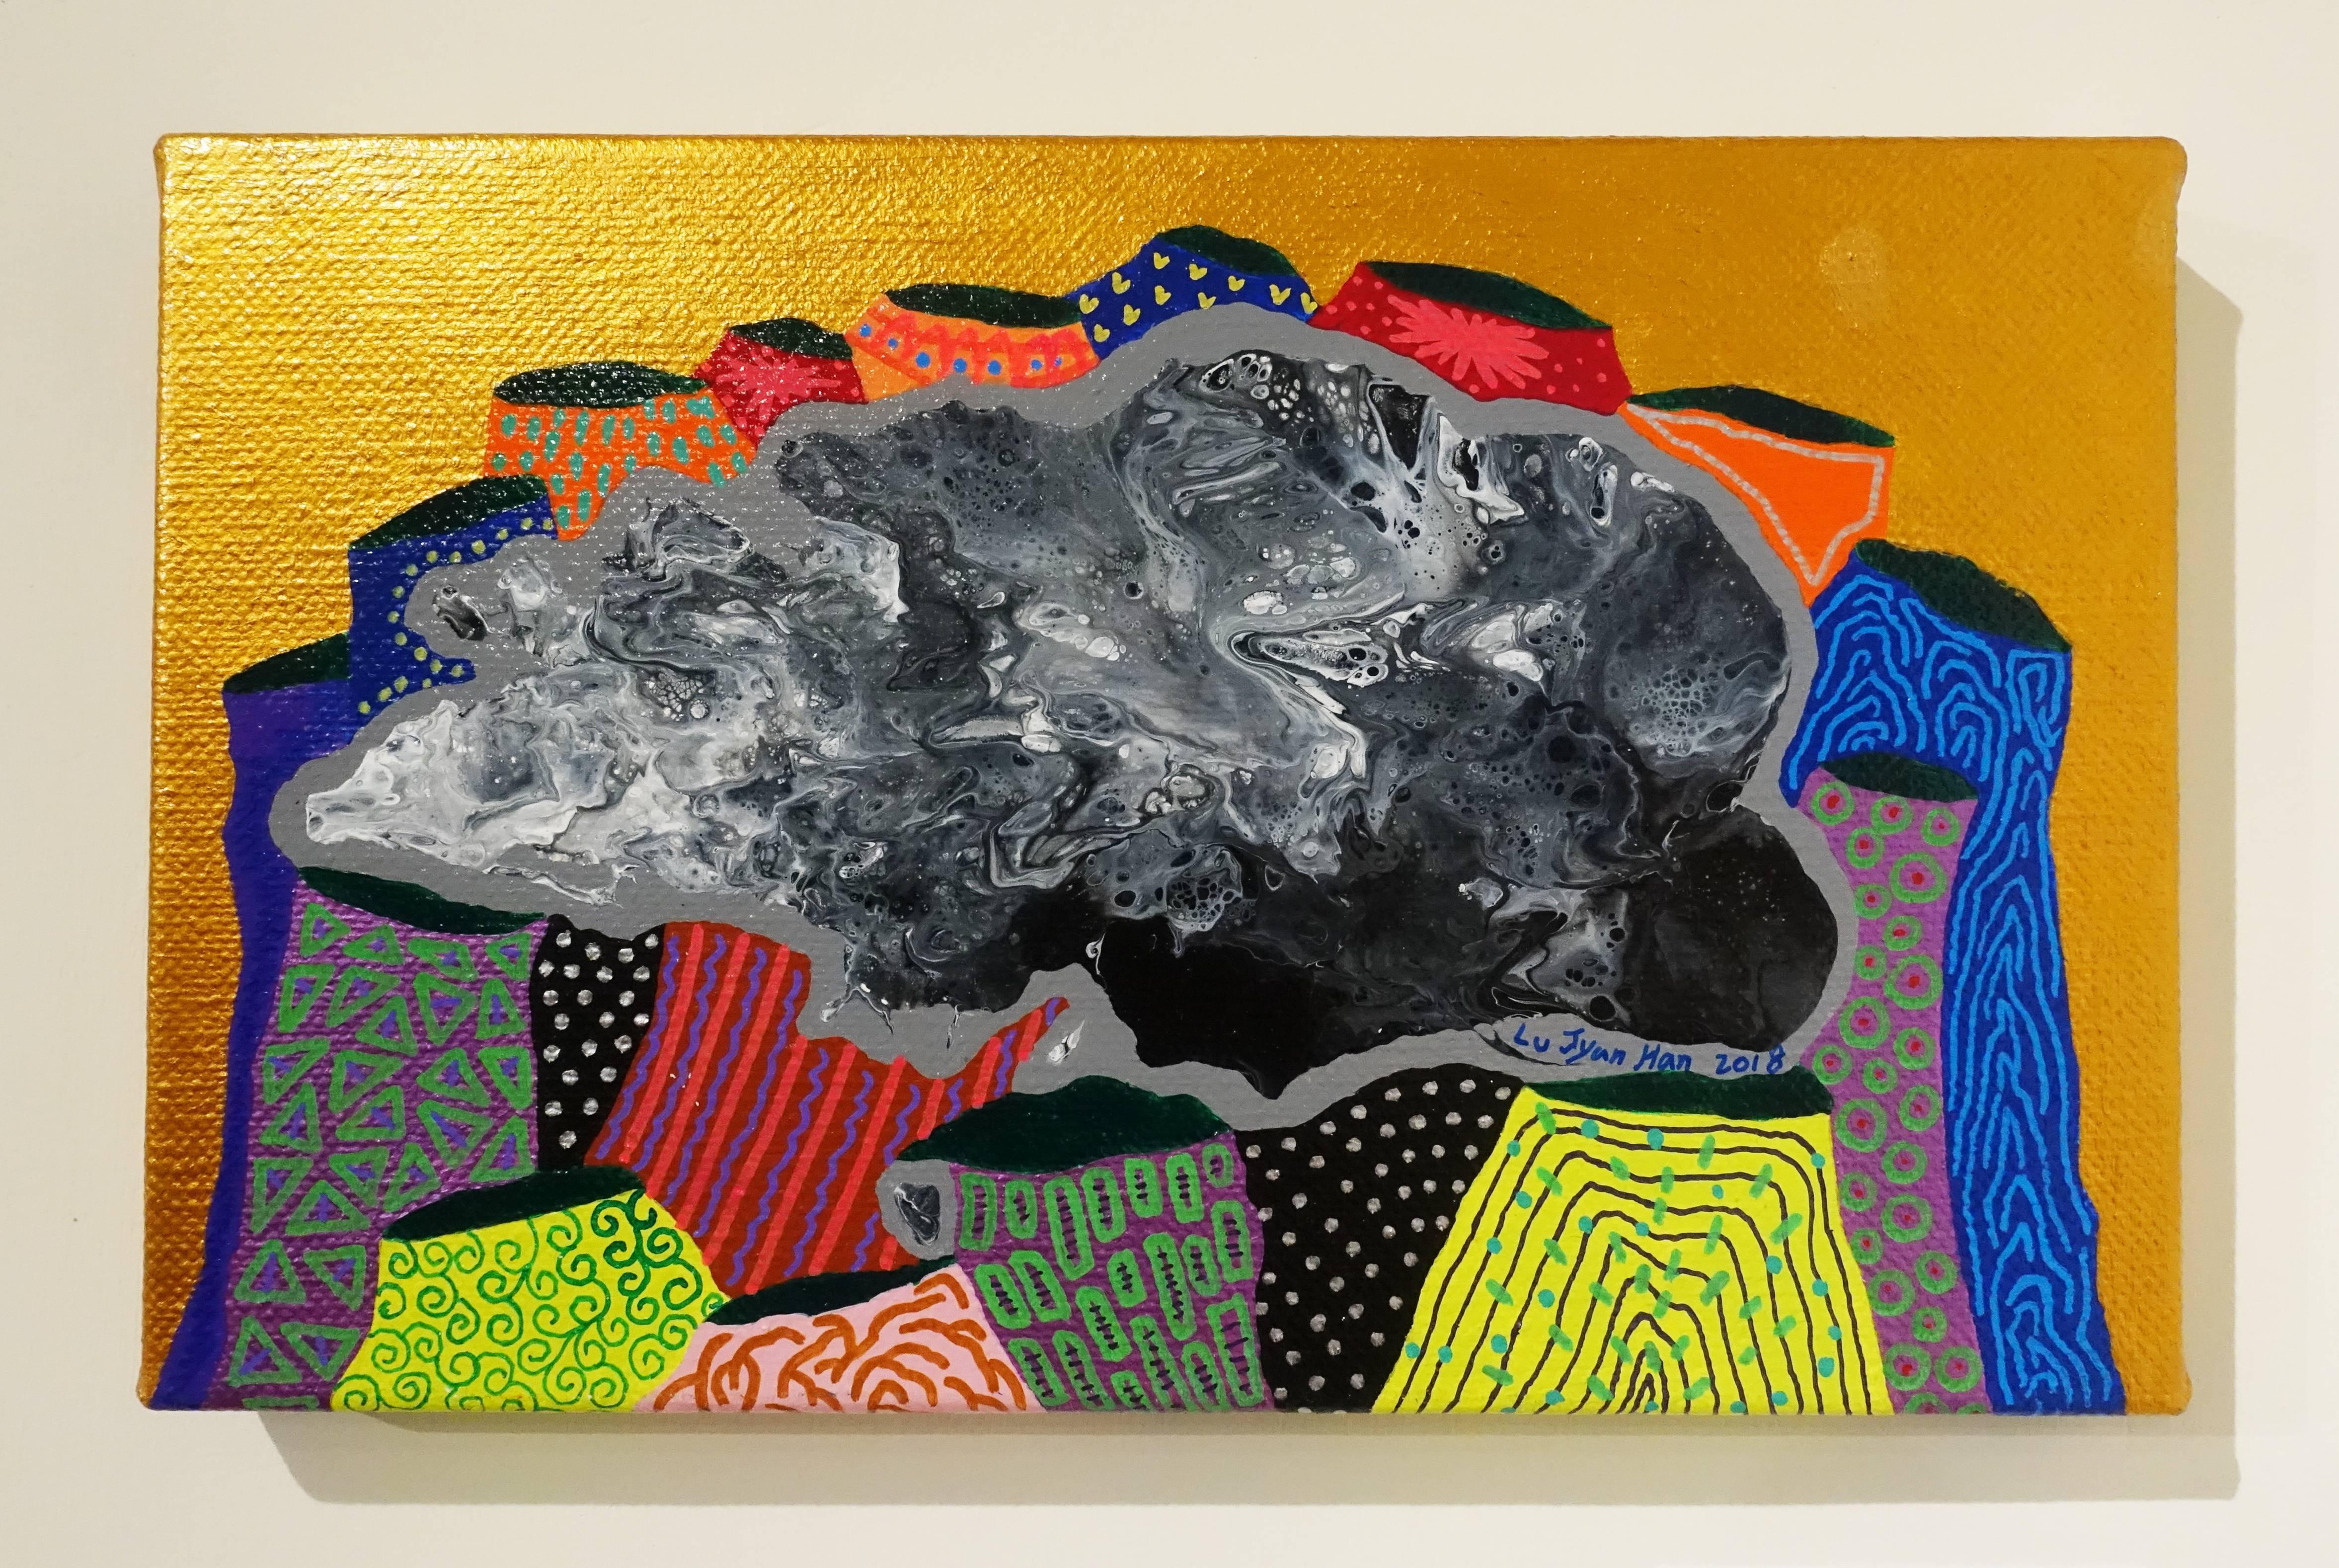 盧俊翰,《石壁如雲》,130 x 80 cm,壓克力,2018。